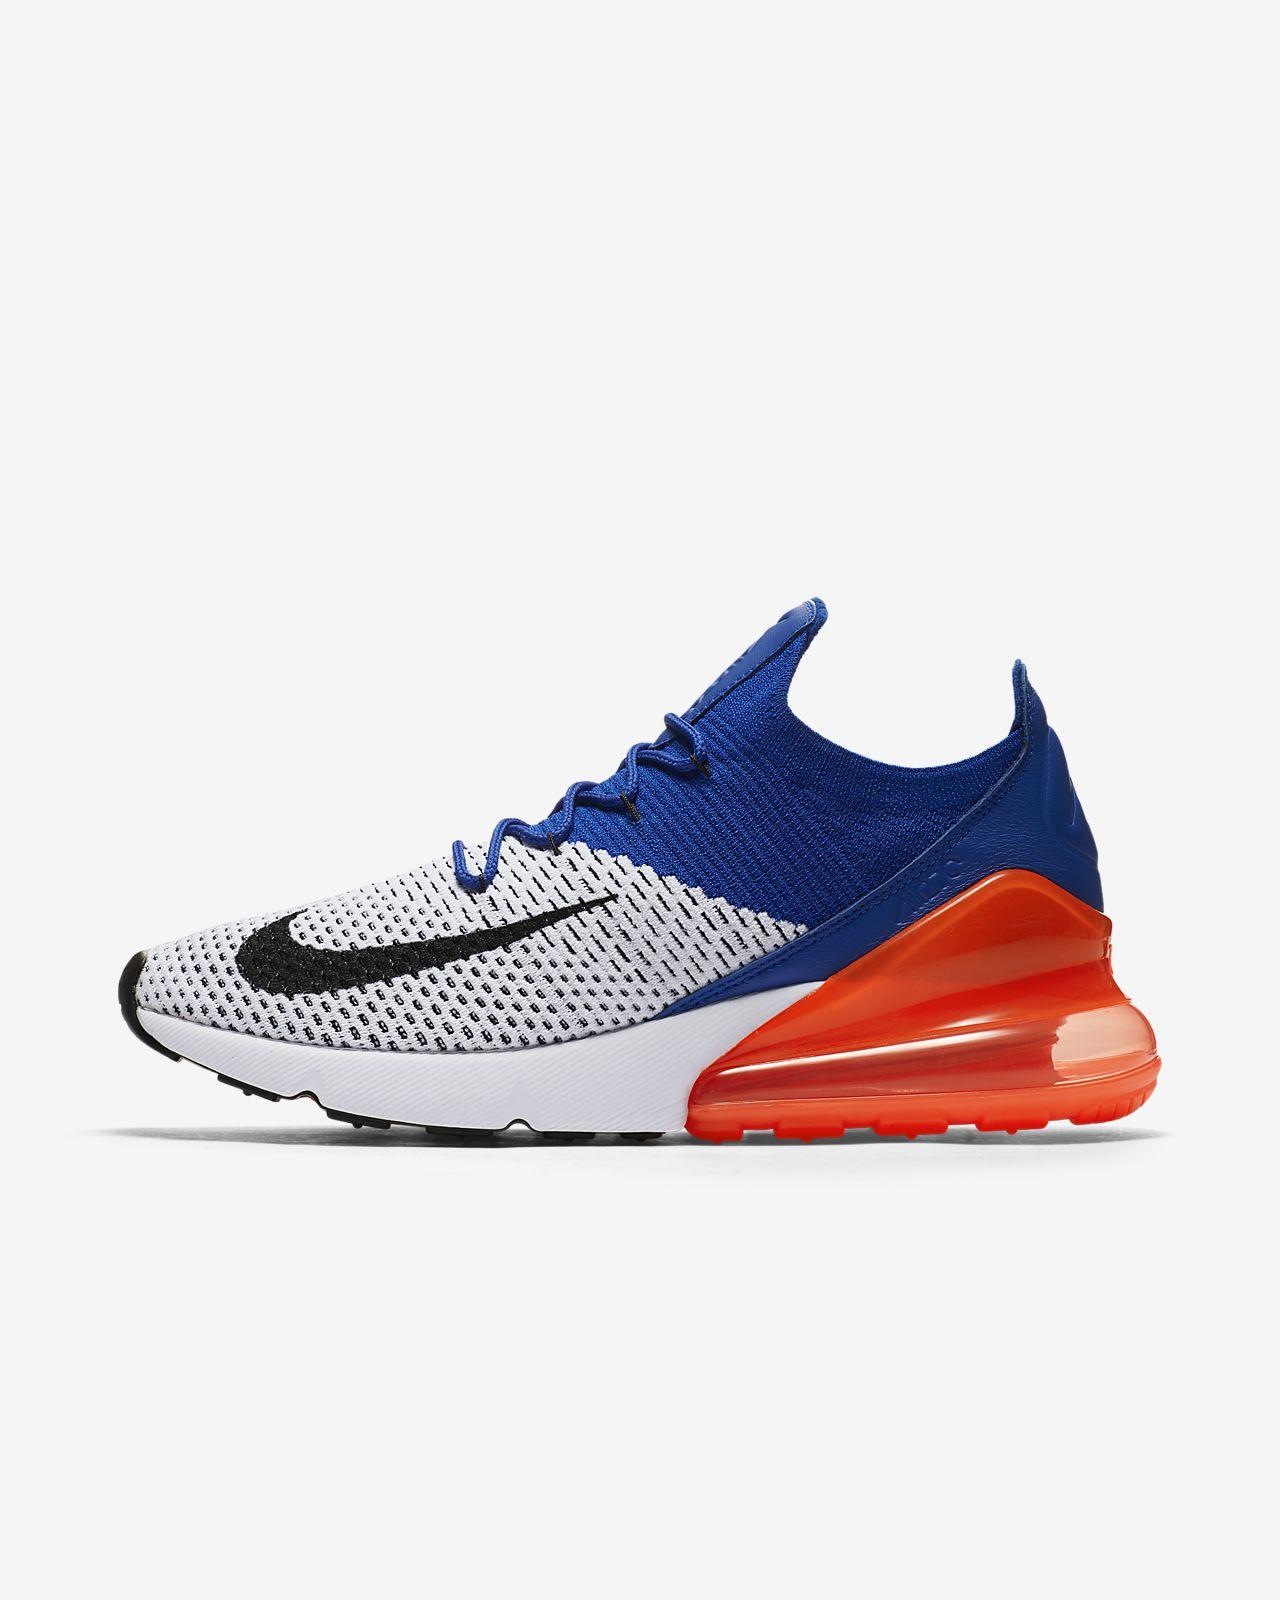 Nike Air Max 270 Flyknit Erkek Ayakkabısı